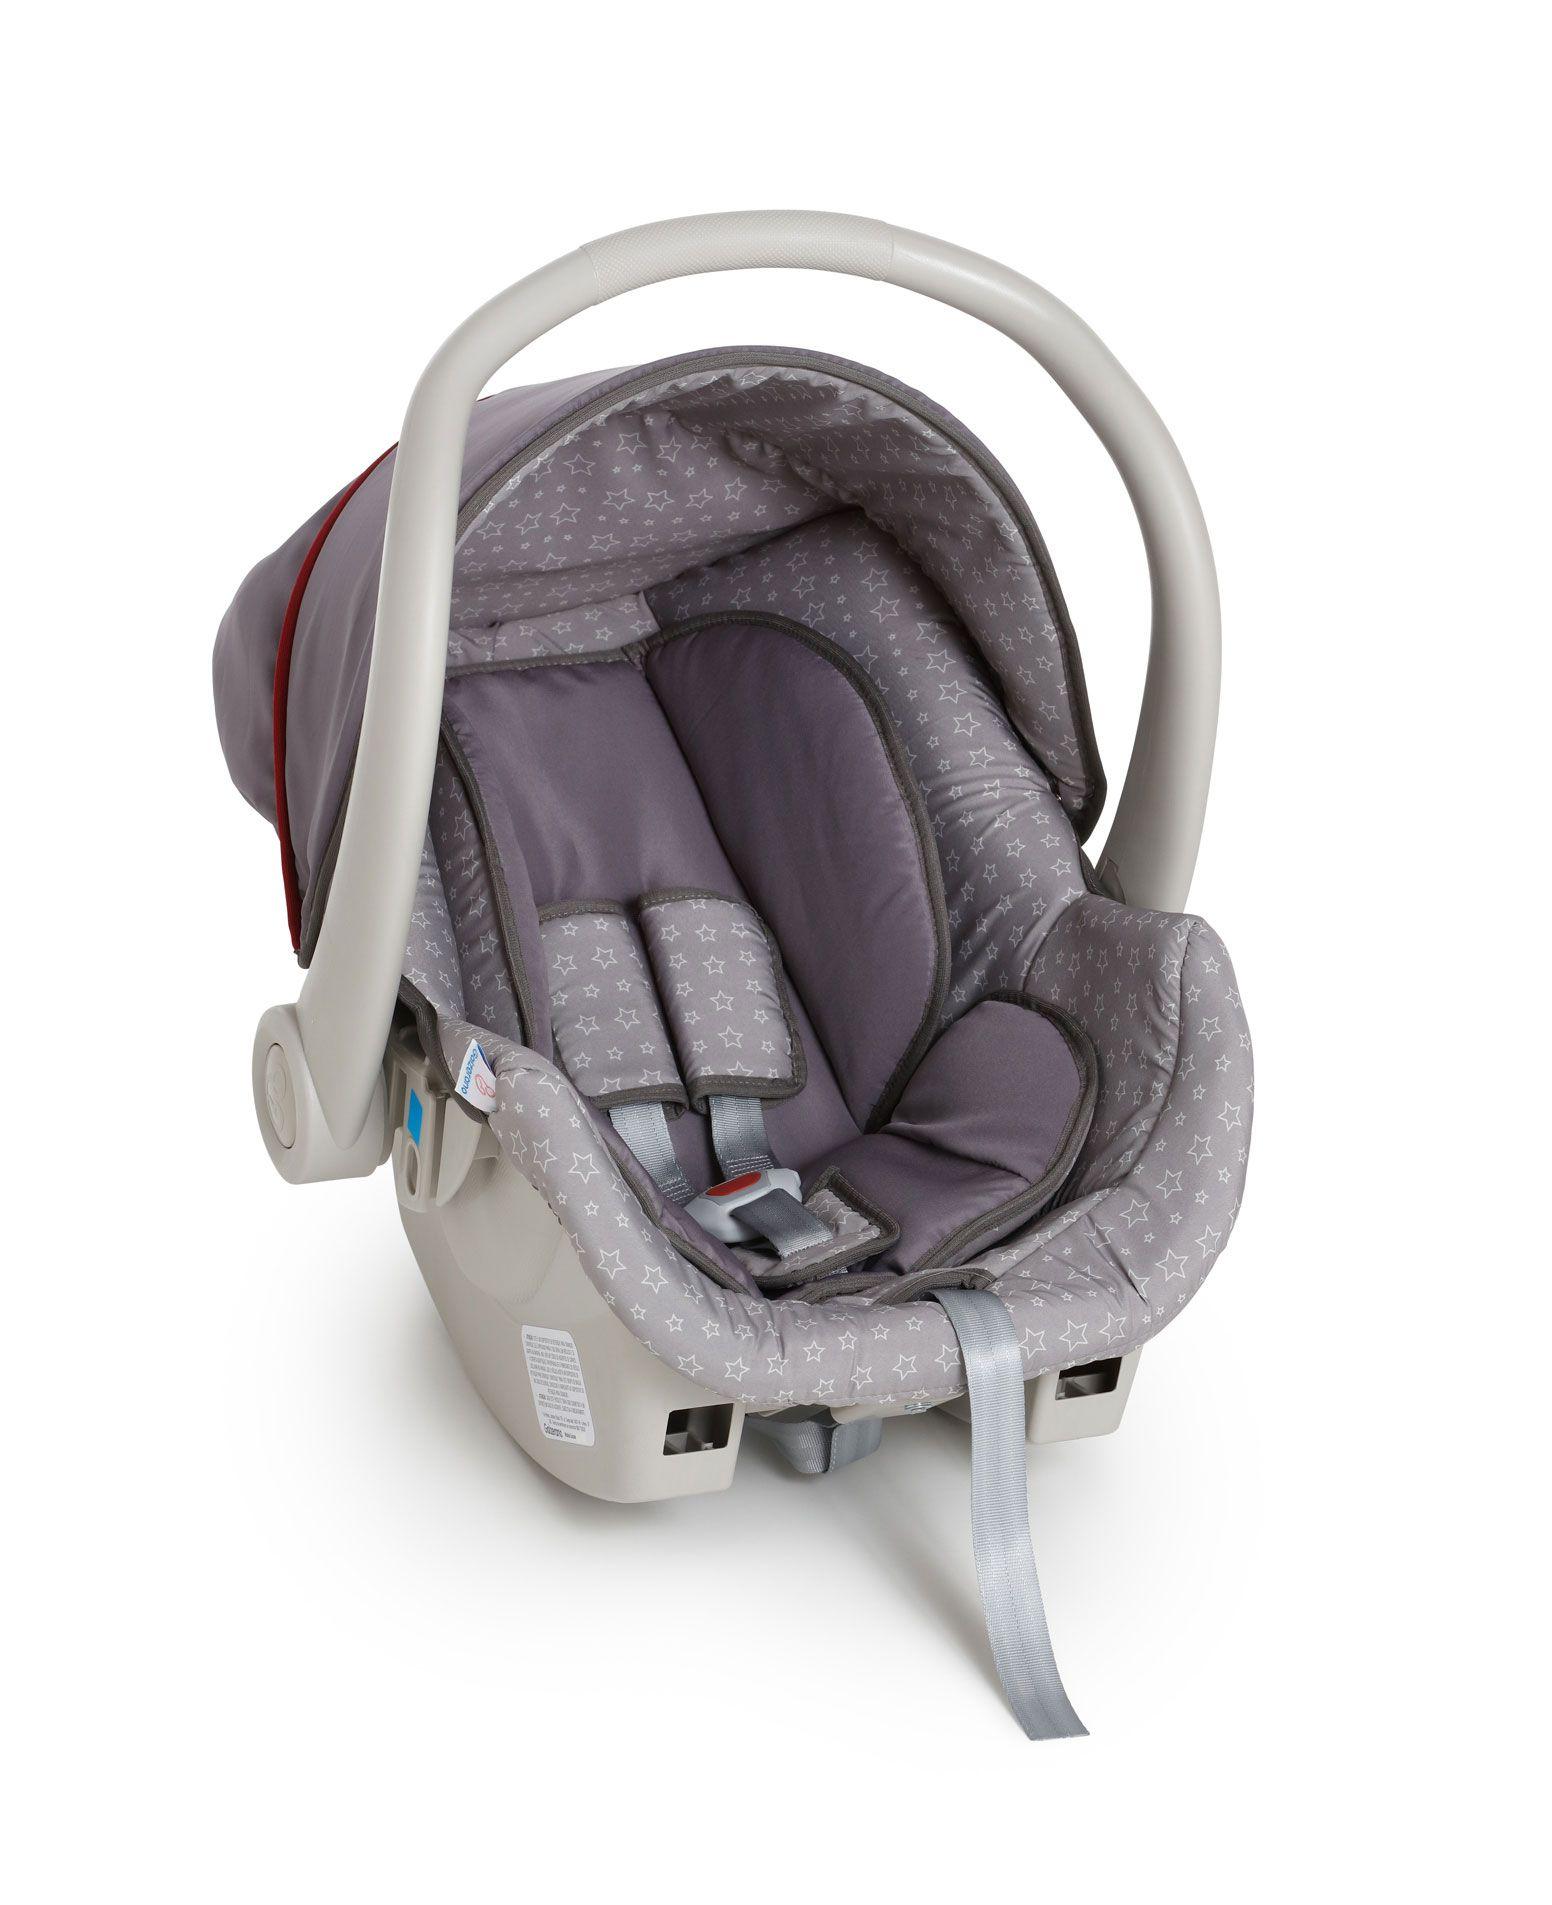 Bebê Conforto Cocoon Graphite - Galzerano Ref 8181